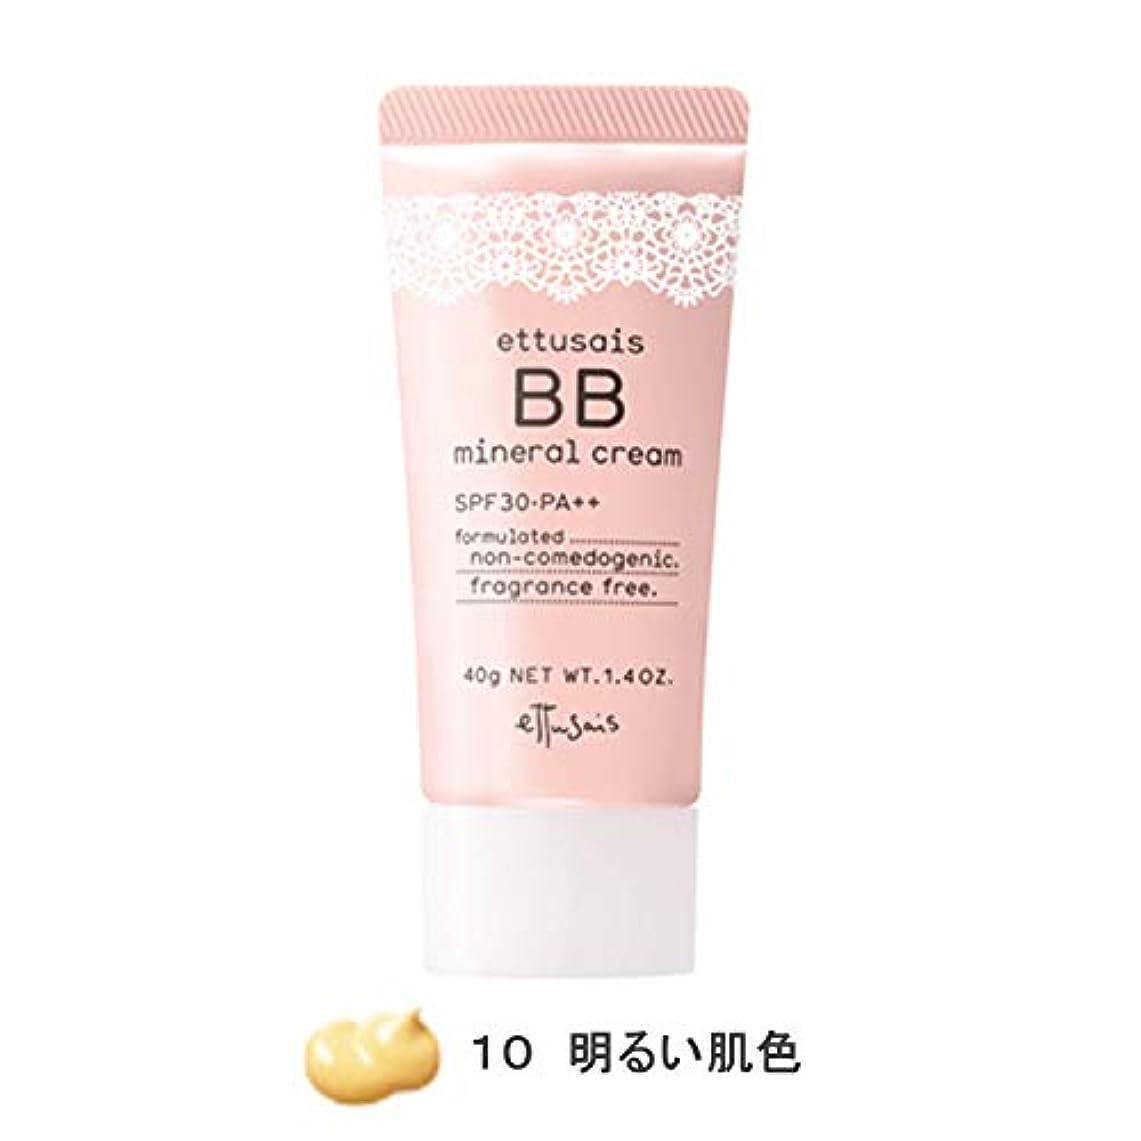 恨み適切に変位エテュセ BBミネラルクリーム 10(明るい肌色) SPF30?PA++ 40g